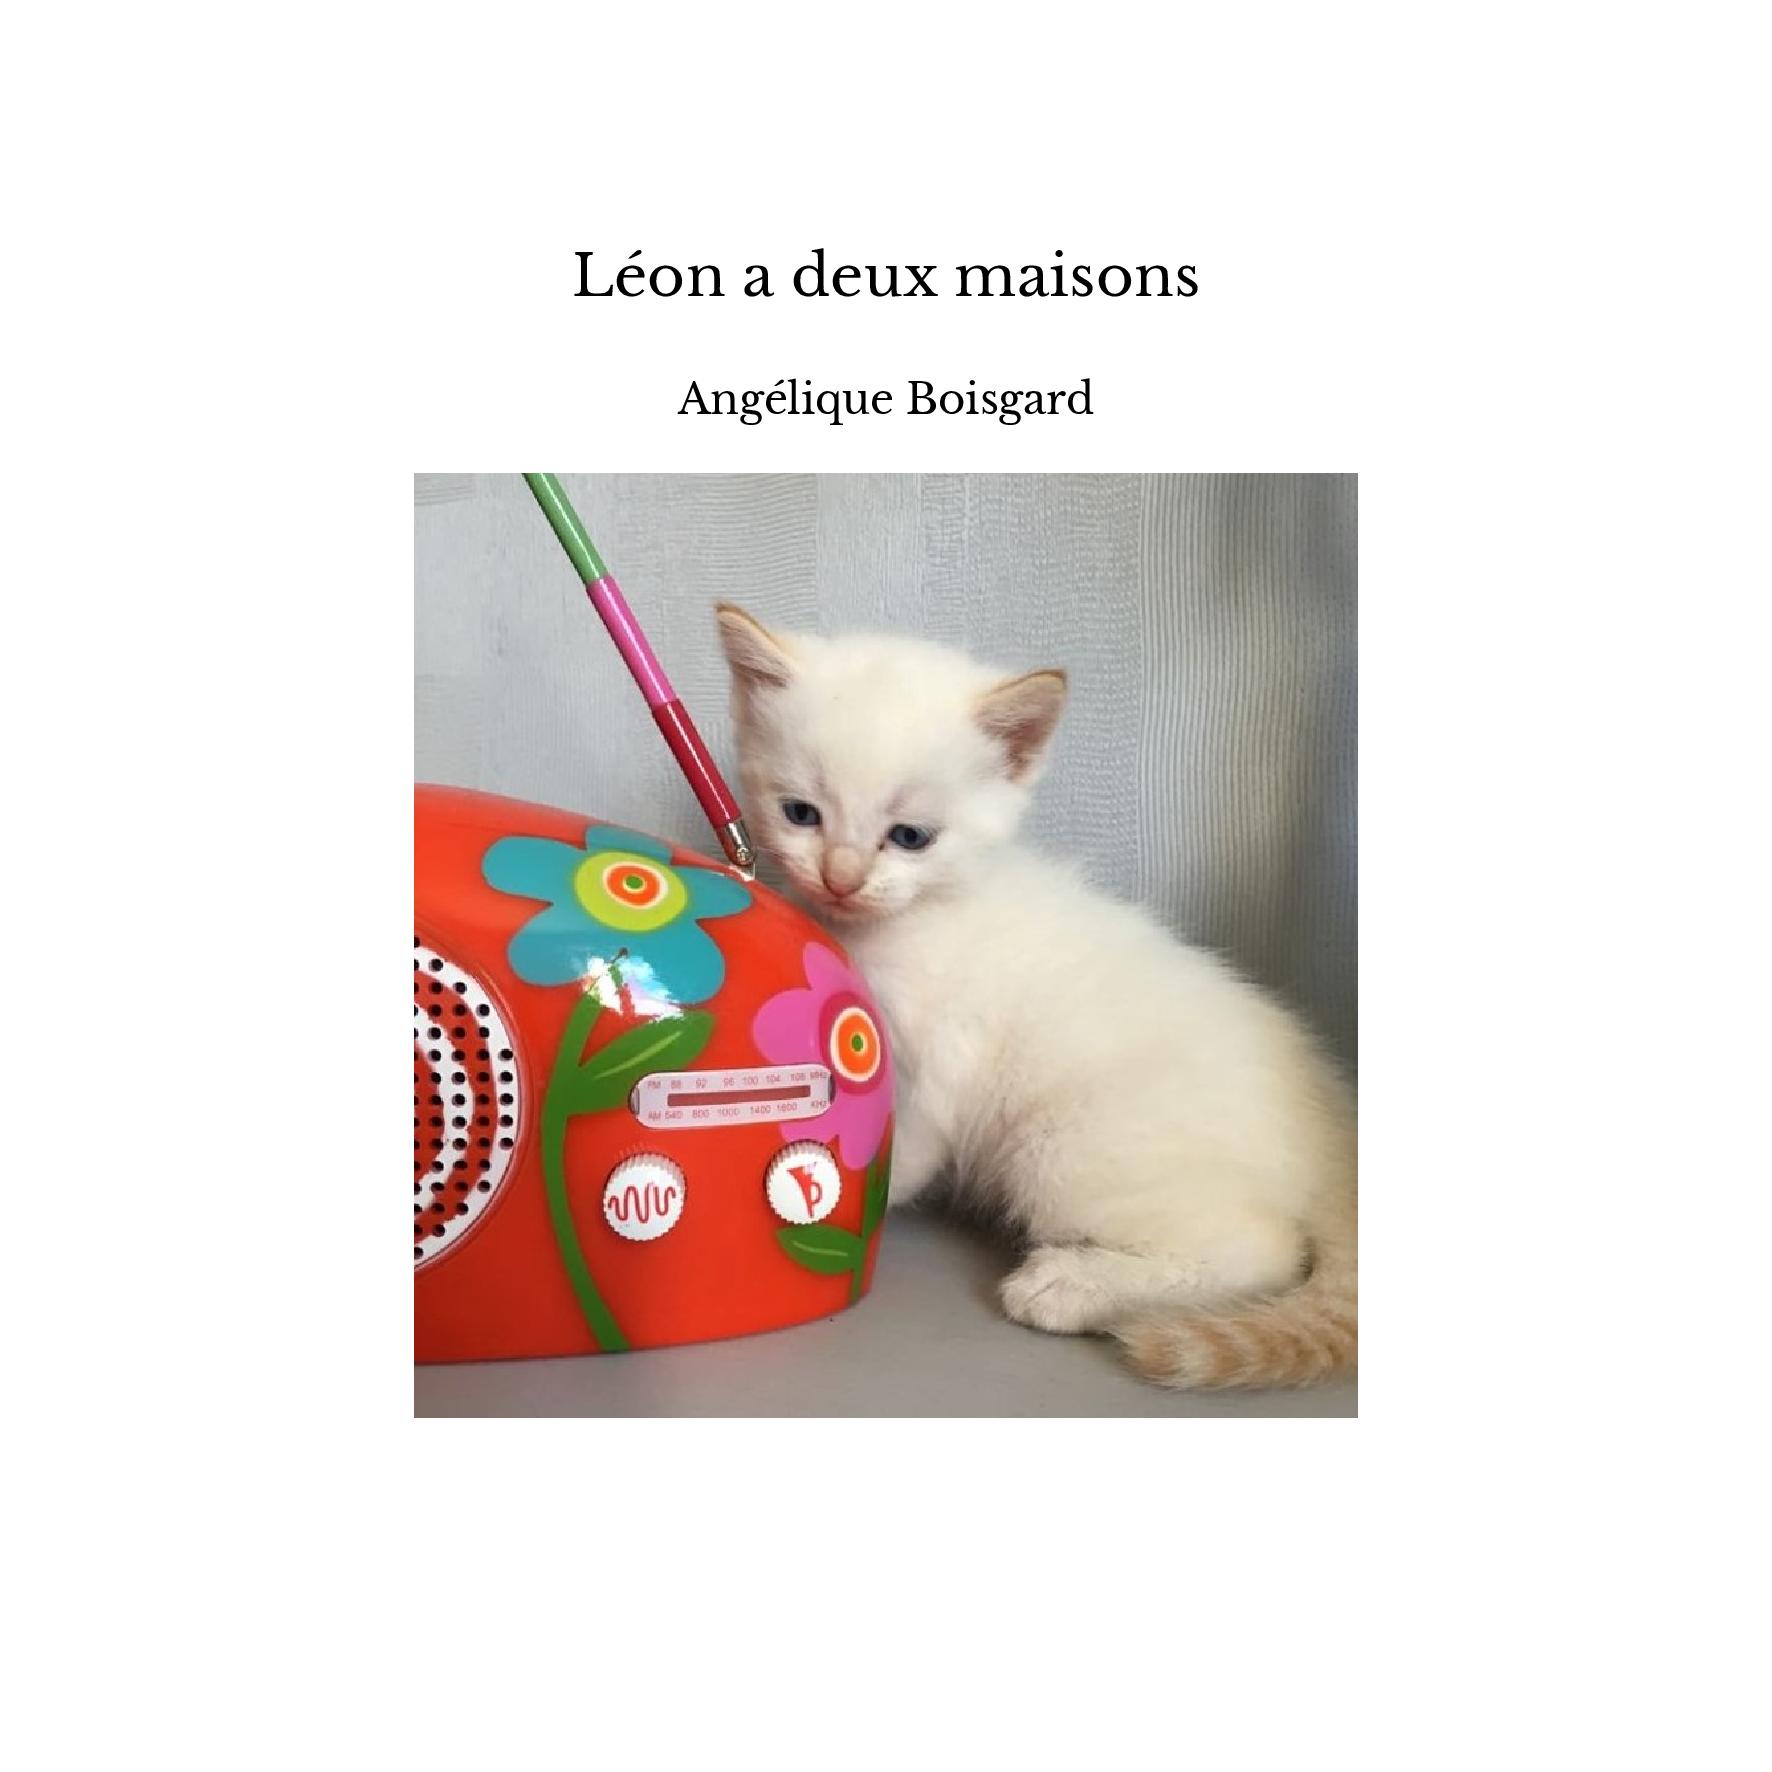 Léon a deux maisons